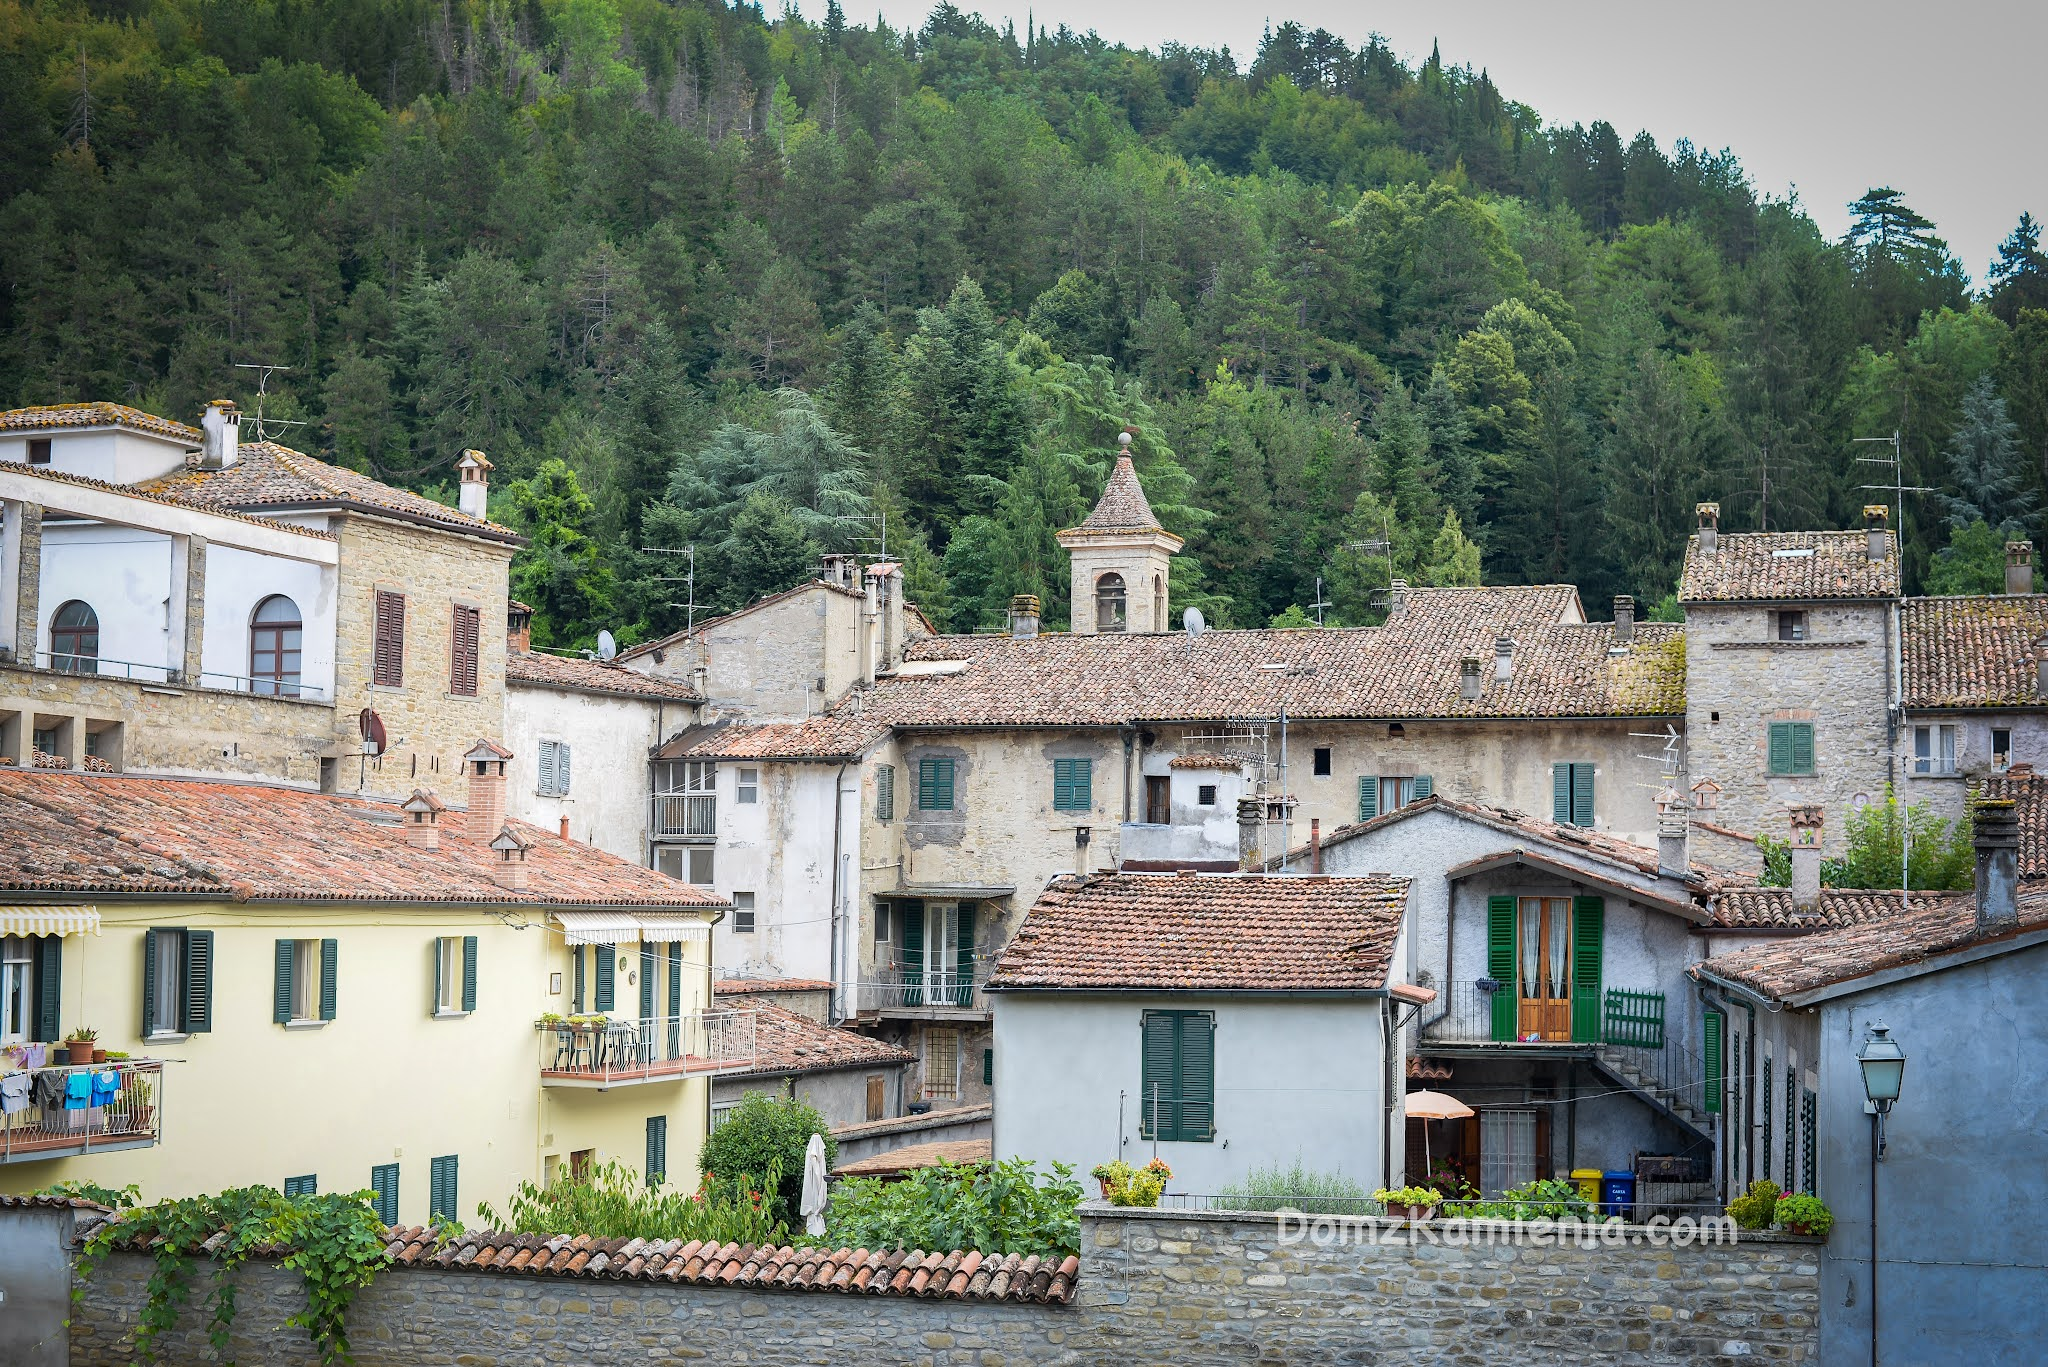 Dom z Kamienia blog o życiu w Toskanii